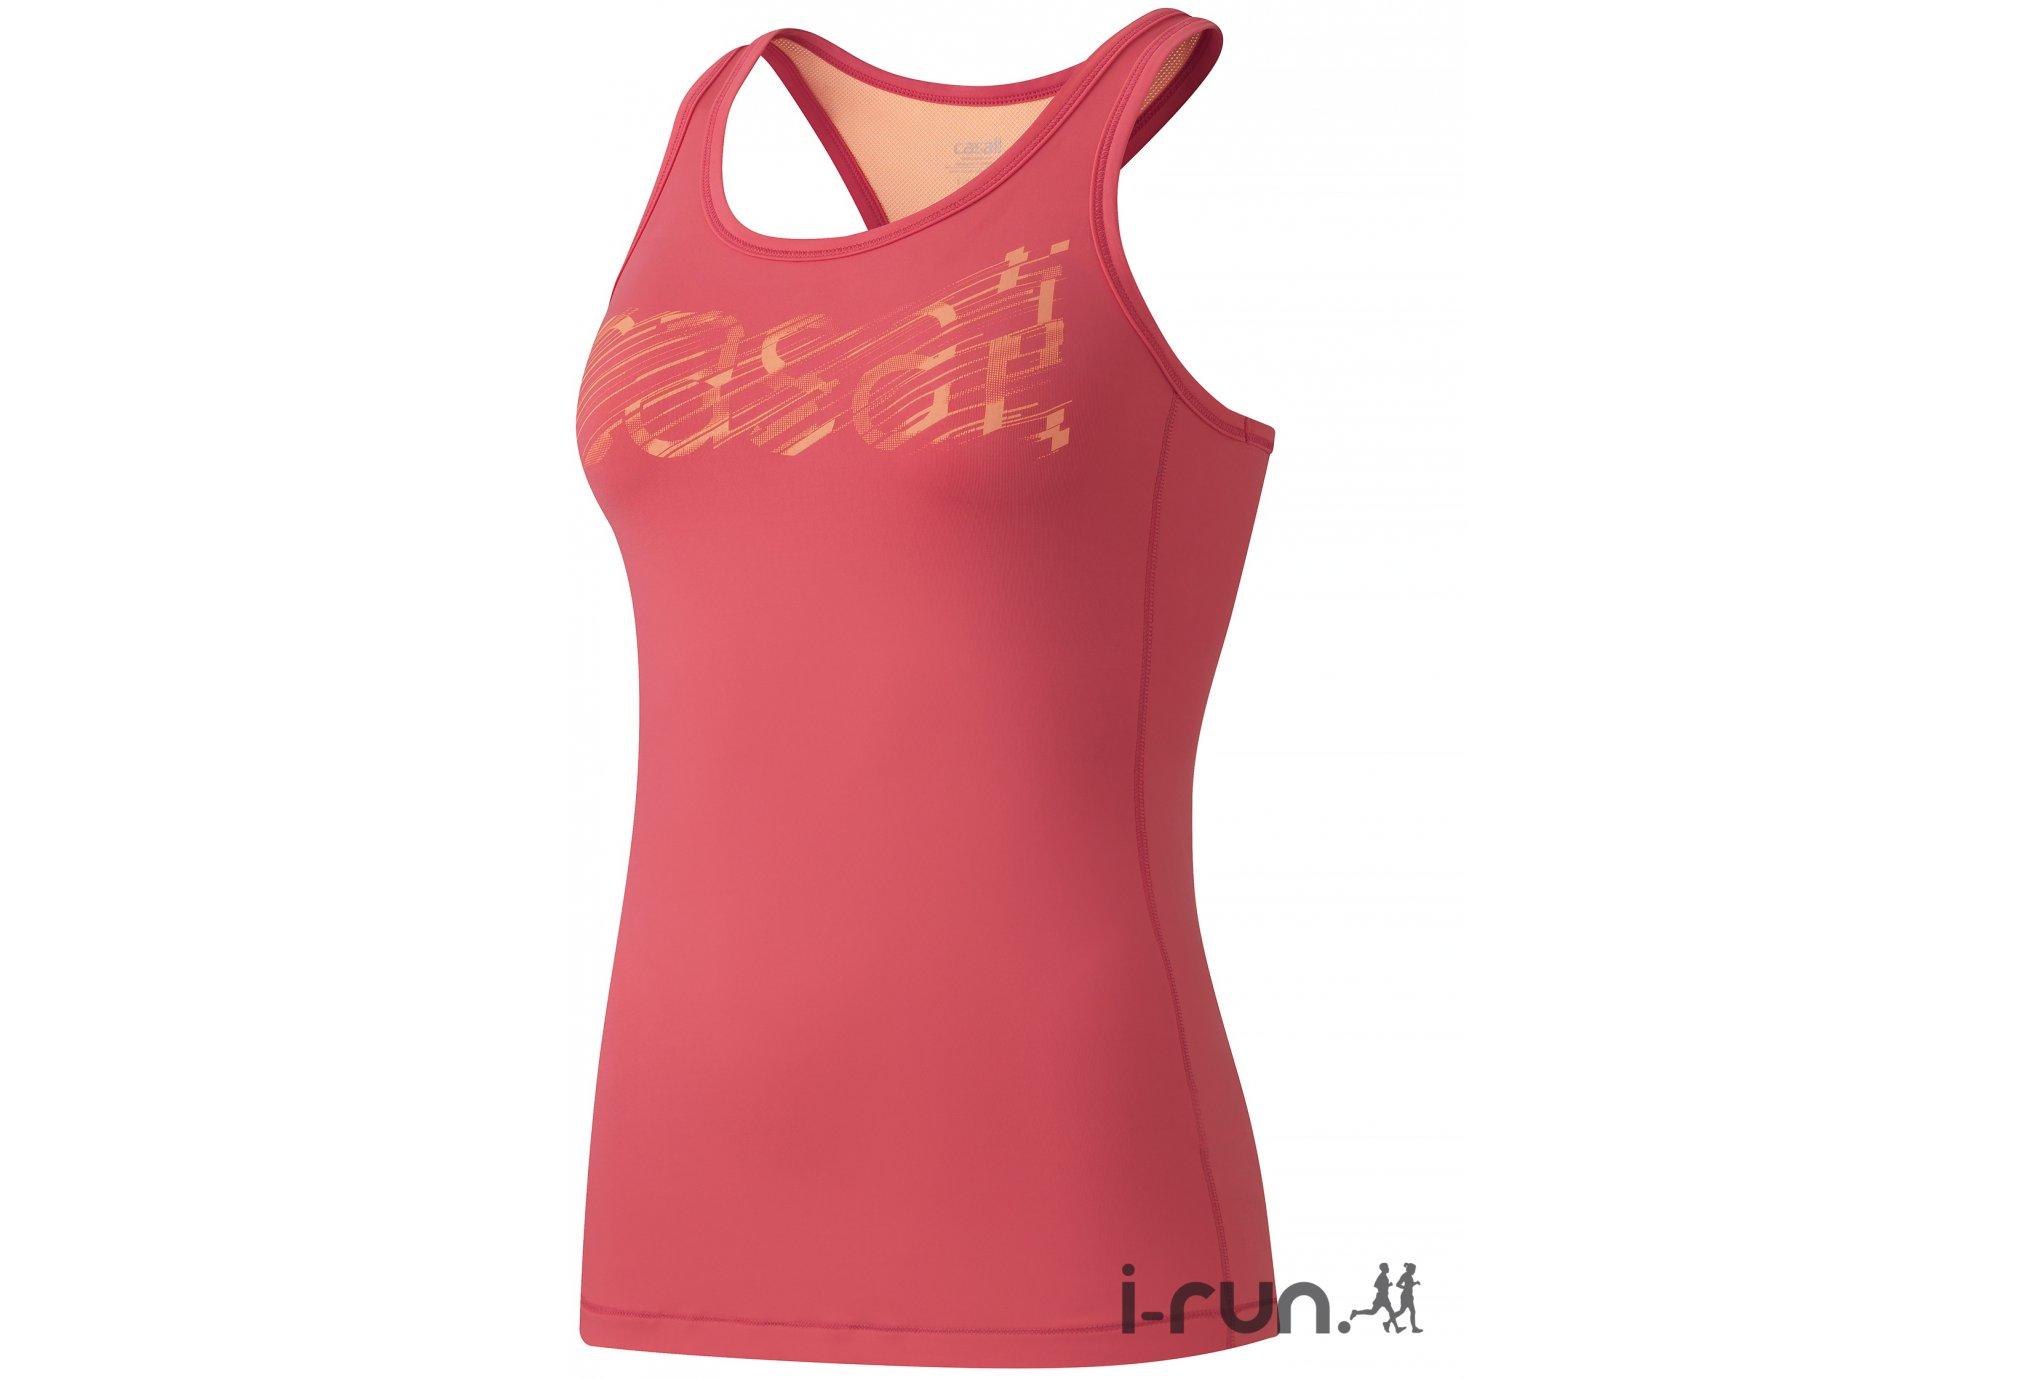 Casall Débardeur logo w vêtement running femme